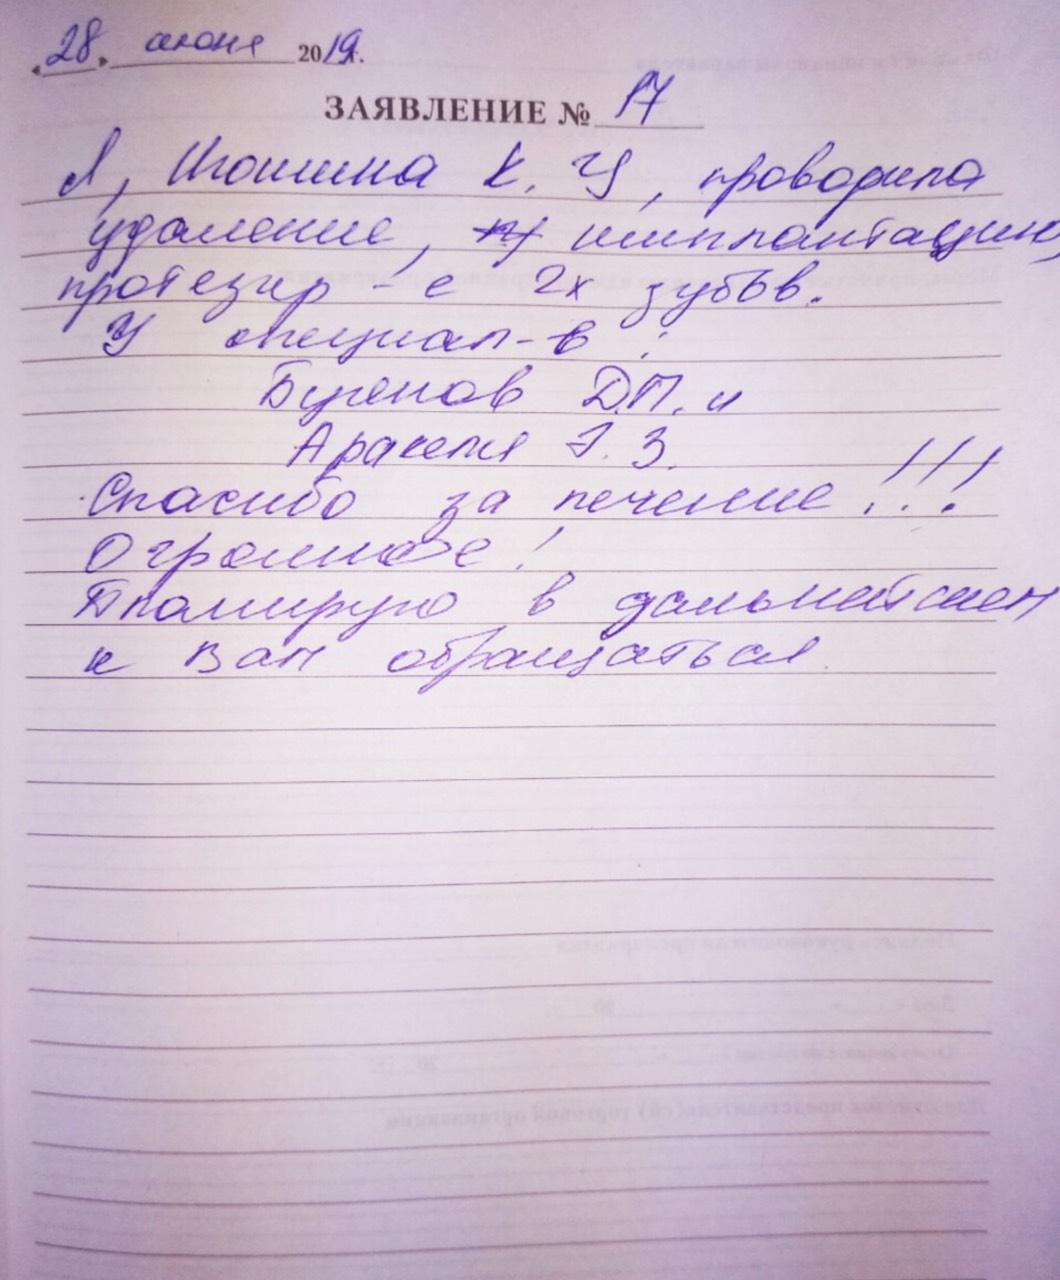 <em>Редактировать Отзыв</em> Кажайп. Стоматология Фларт